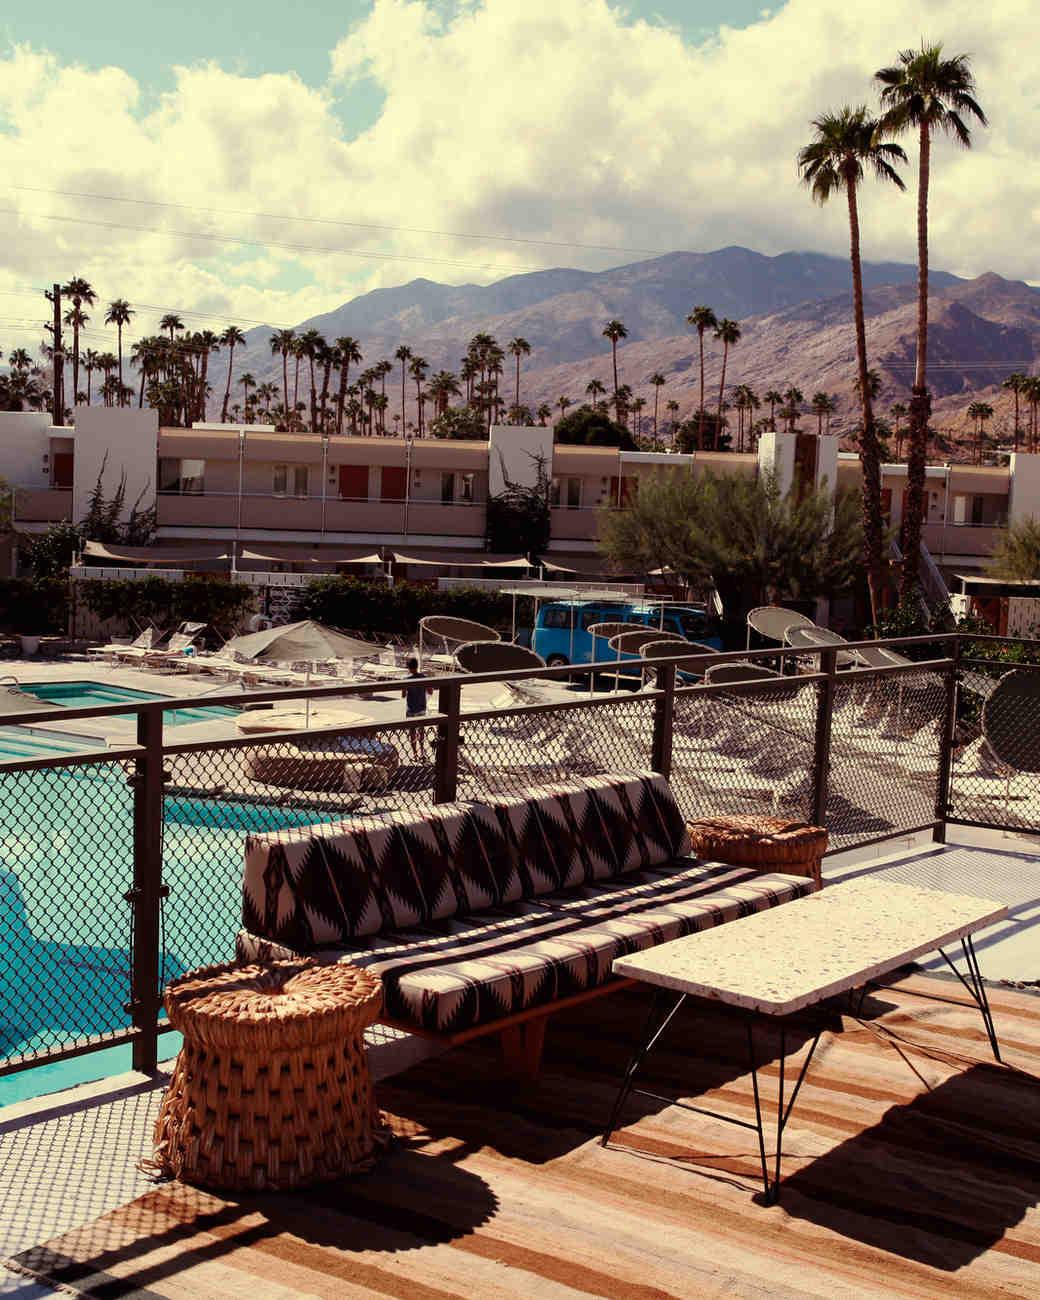 smith-ace-hotel-palm-springs-ca.jpg